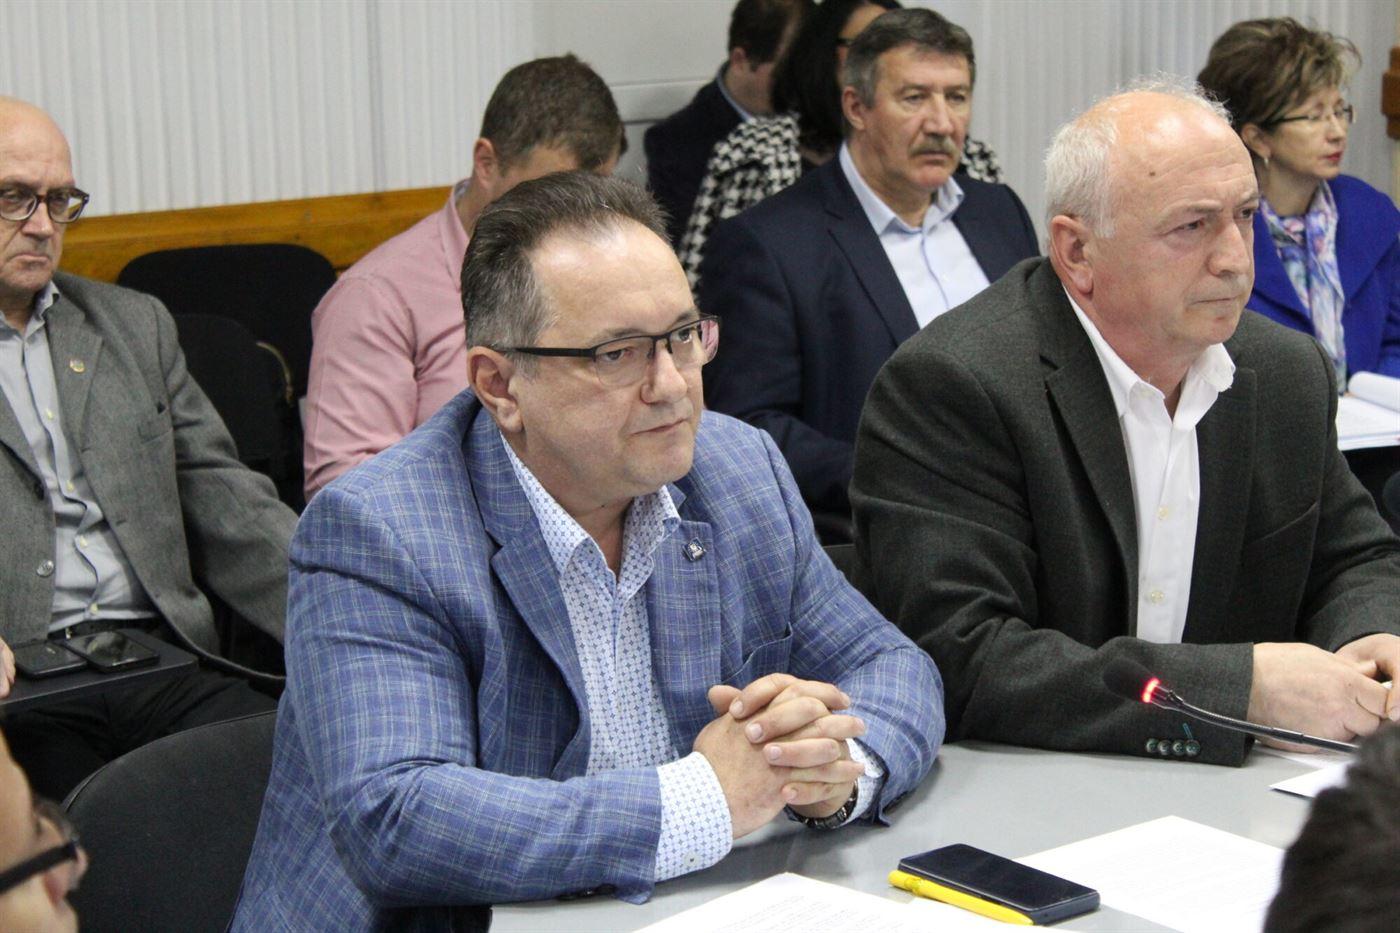 Ioniță: Primăria s-a grăbit să stabilească taxele și impozitele pentru anul viitor înaintea alegerilor locale